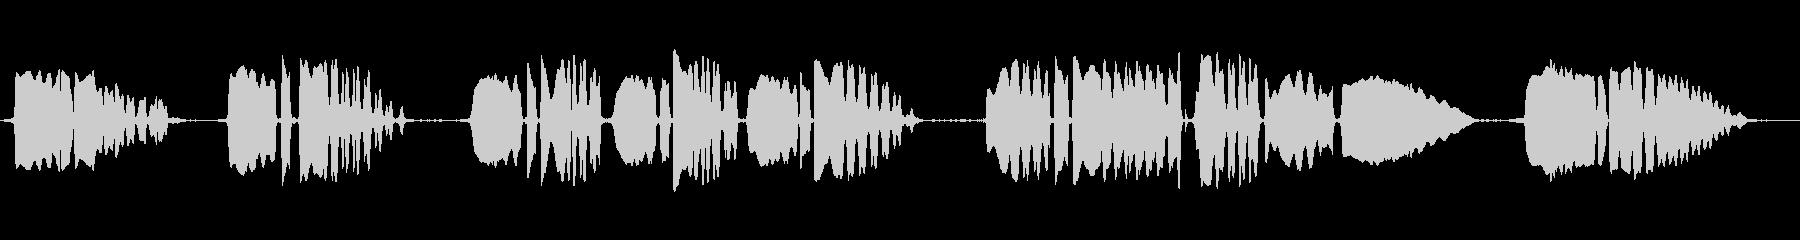 クラリネット:ラストポストアクセン...の未再生の波形